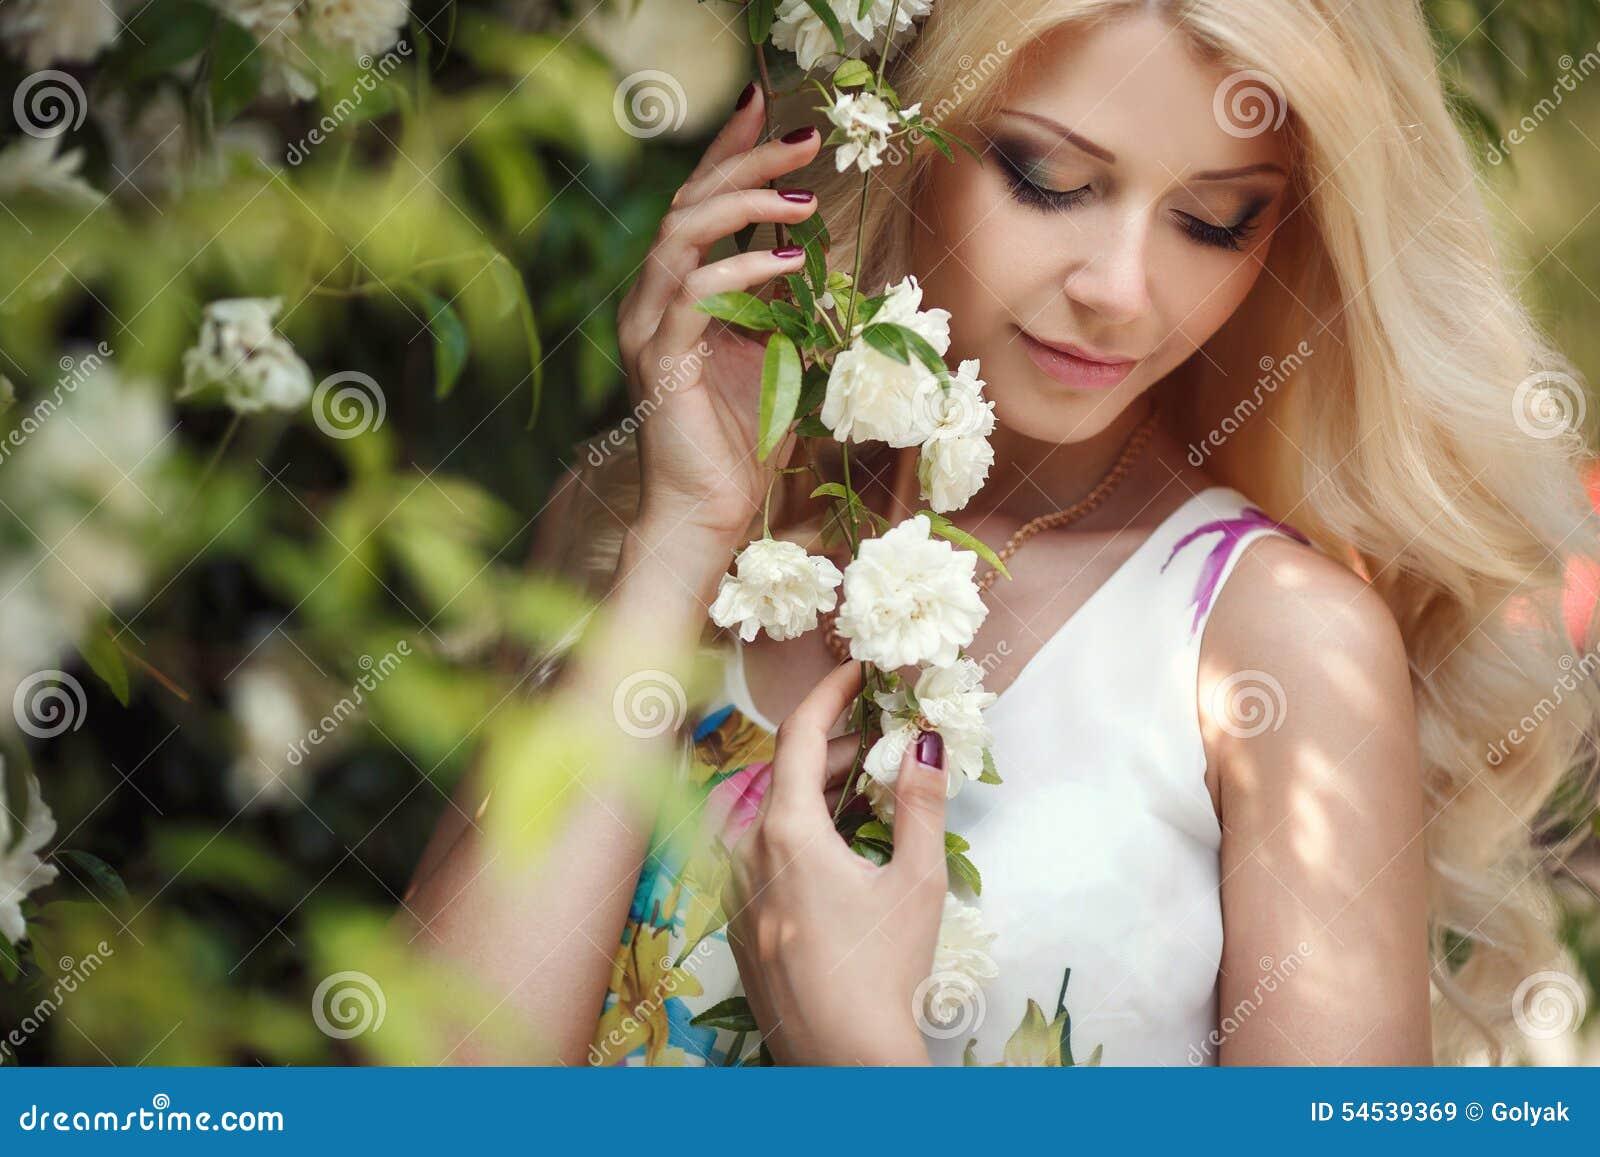 Όμορφη γυναίκα στο πάρκο κοντά στα ανθίζοντας τριαντάφυλλα του Μπους